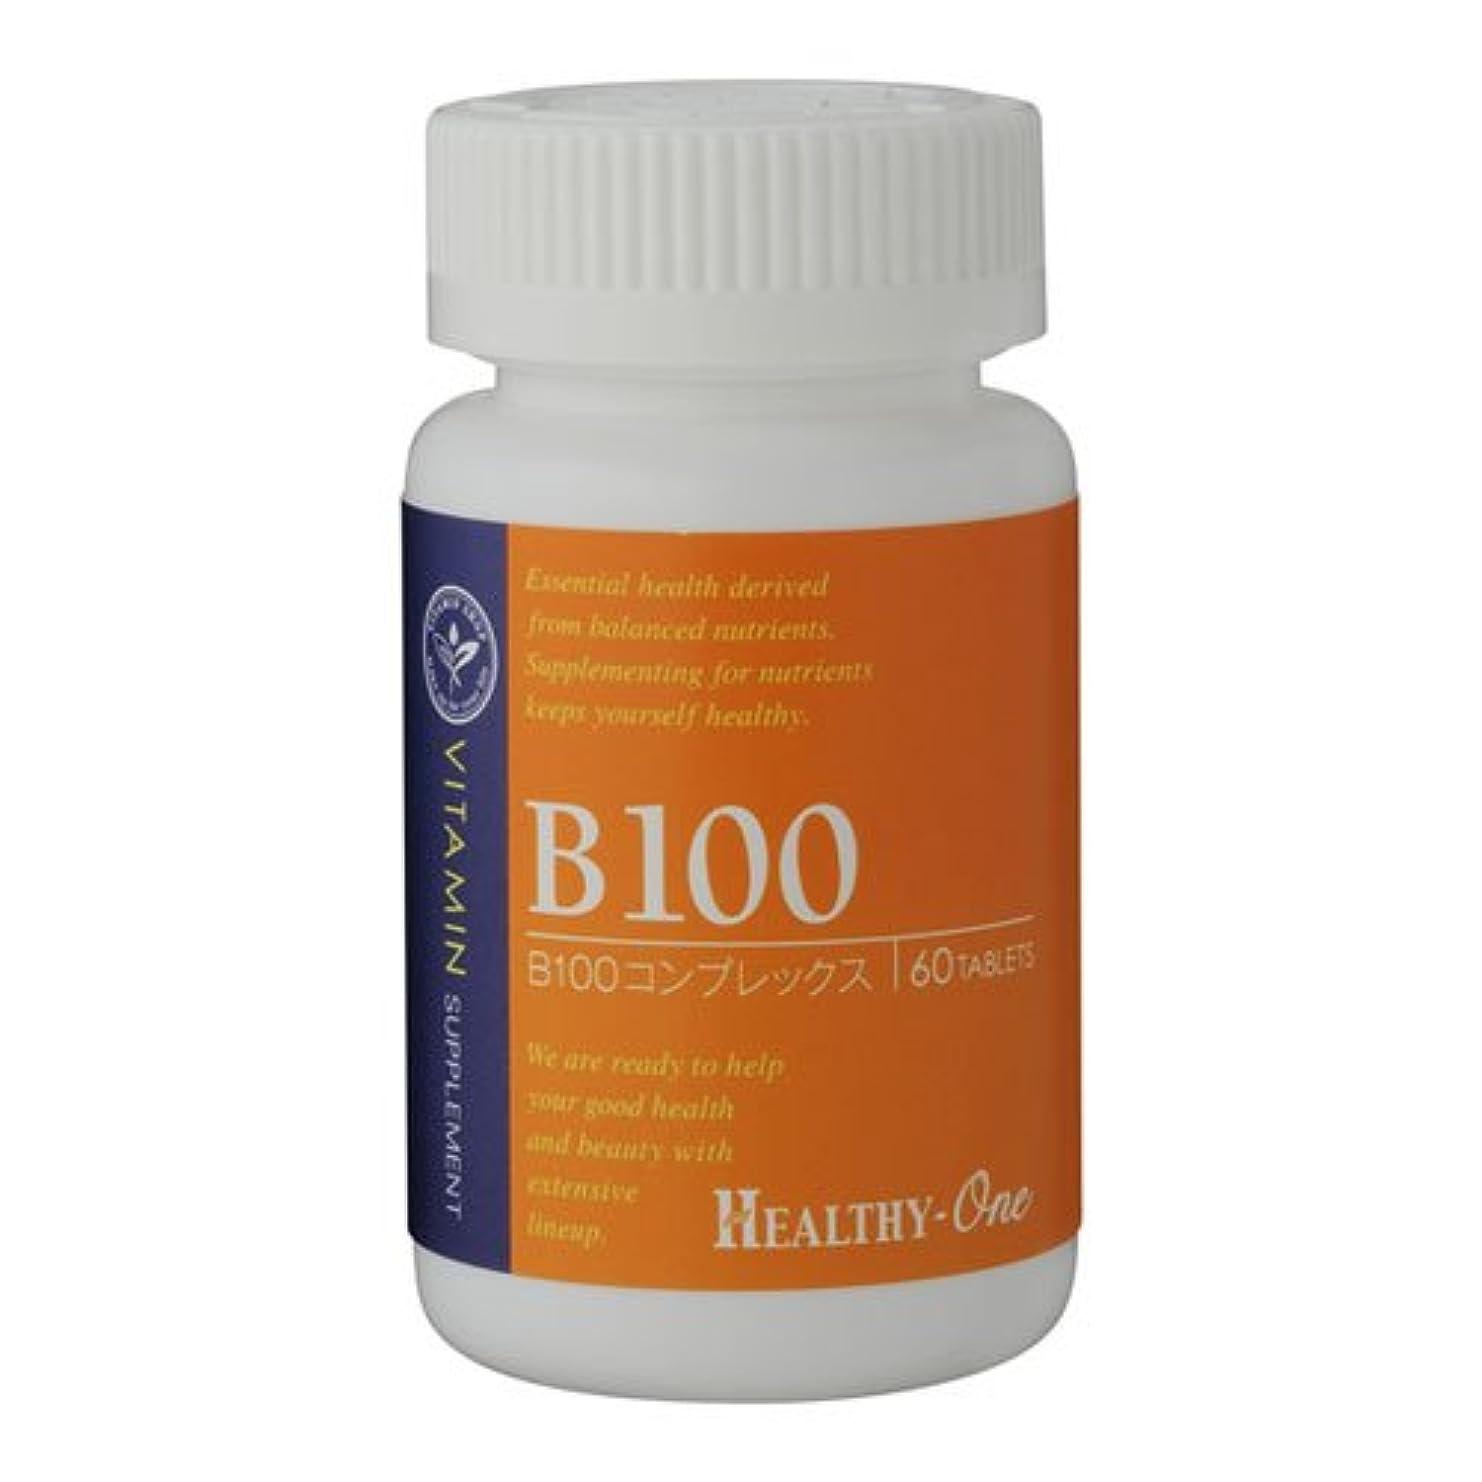 ヘルシーワン ビタミンB100 60粒 60日分